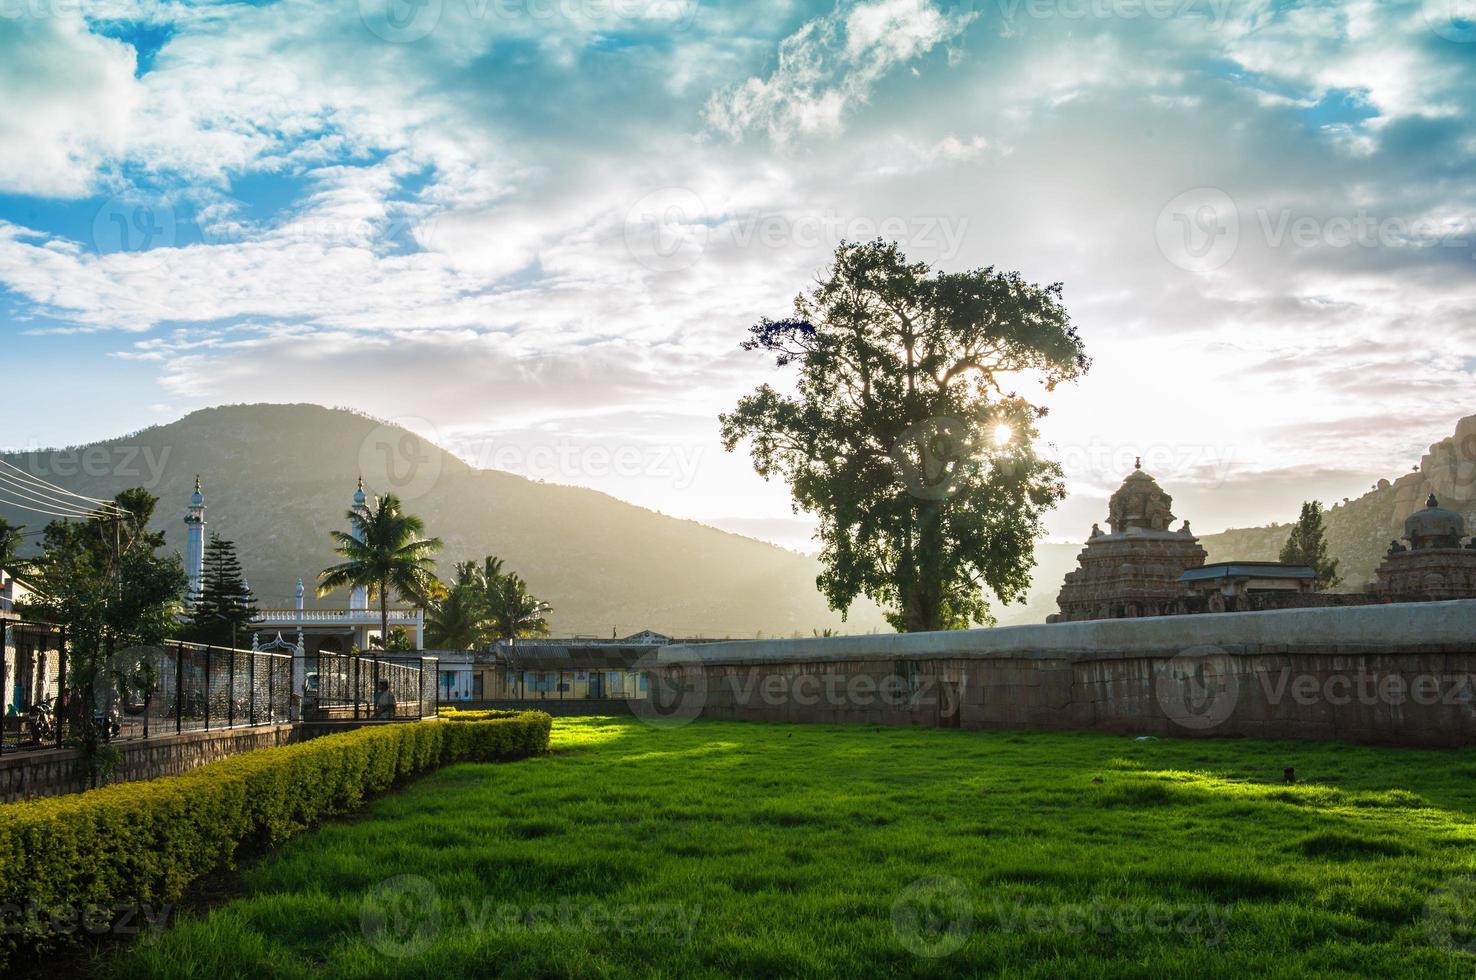 architettura del tempio indù del villaggio di Nandi foto